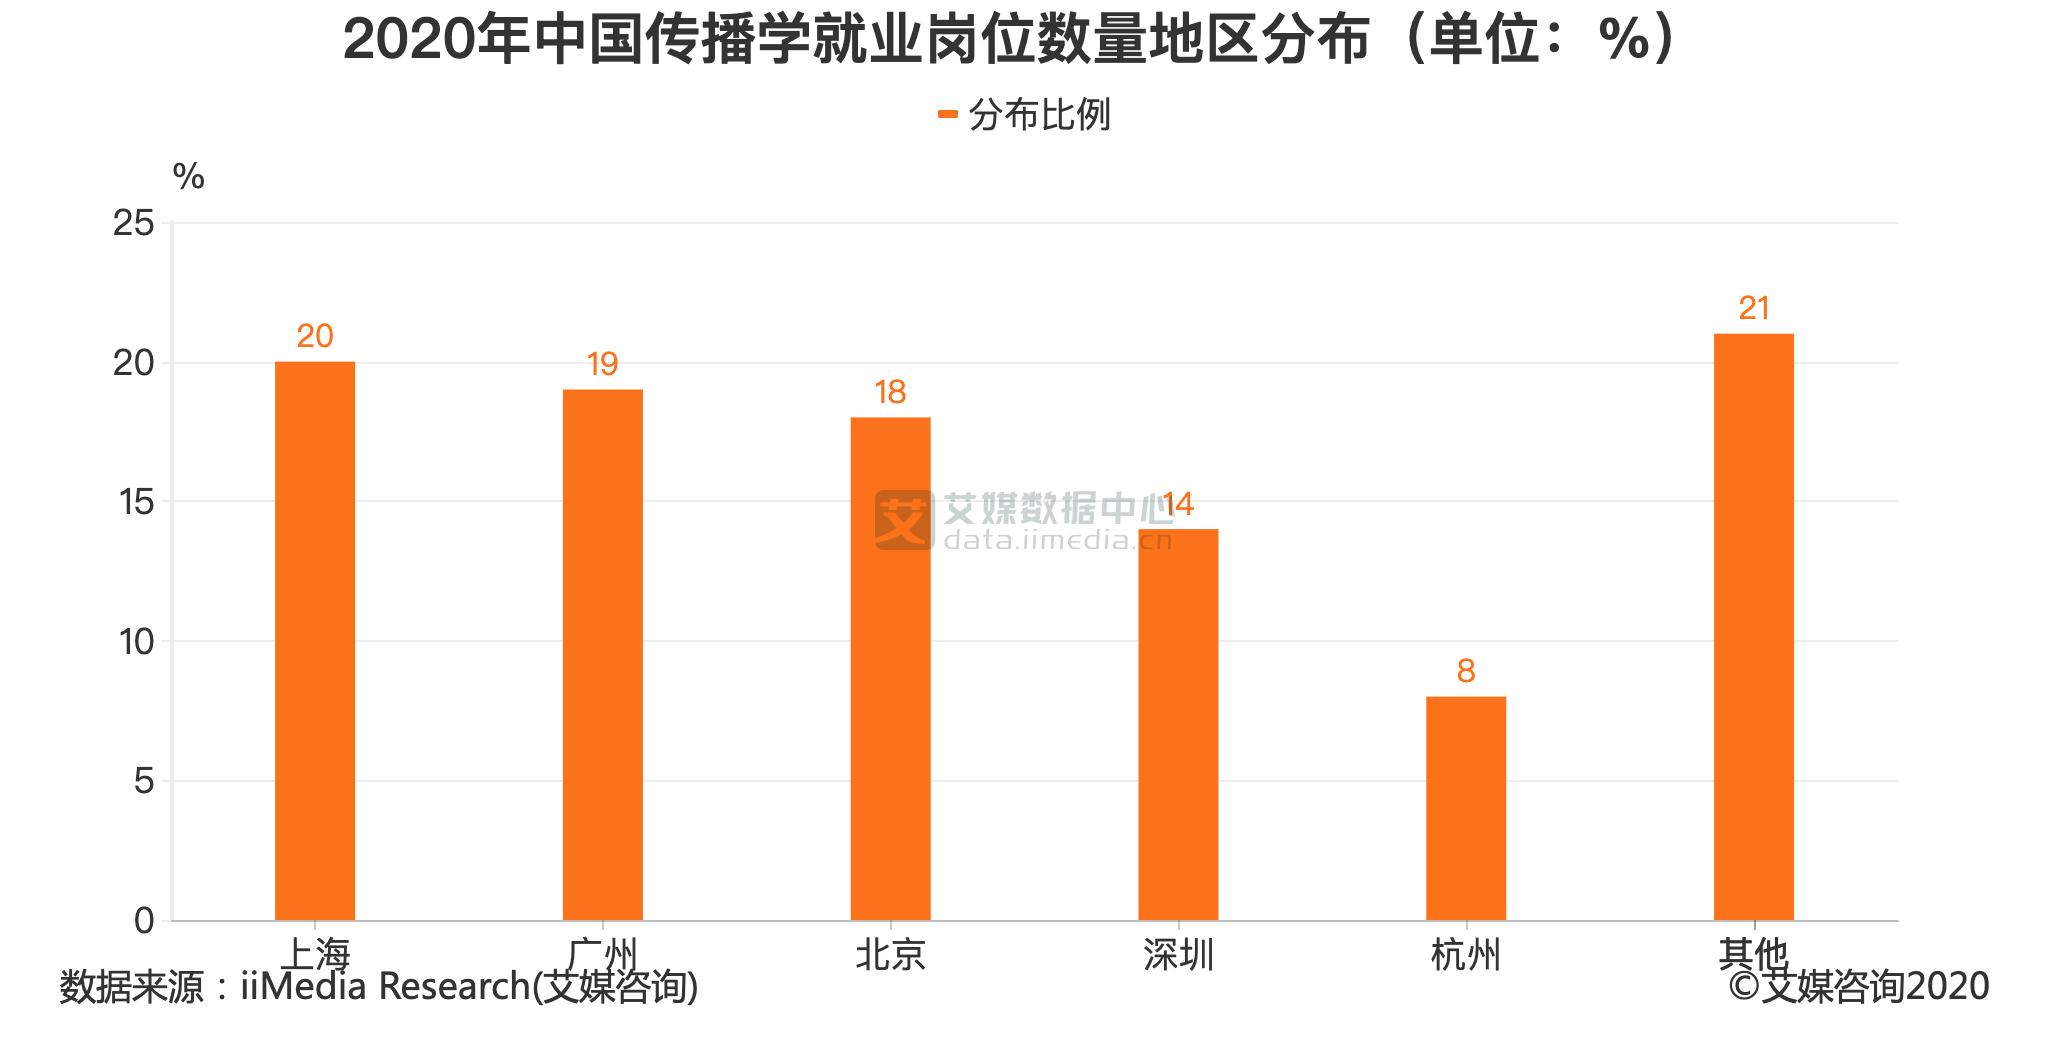 2020年中国传播学就业岗位数量地区分布(单位:%)